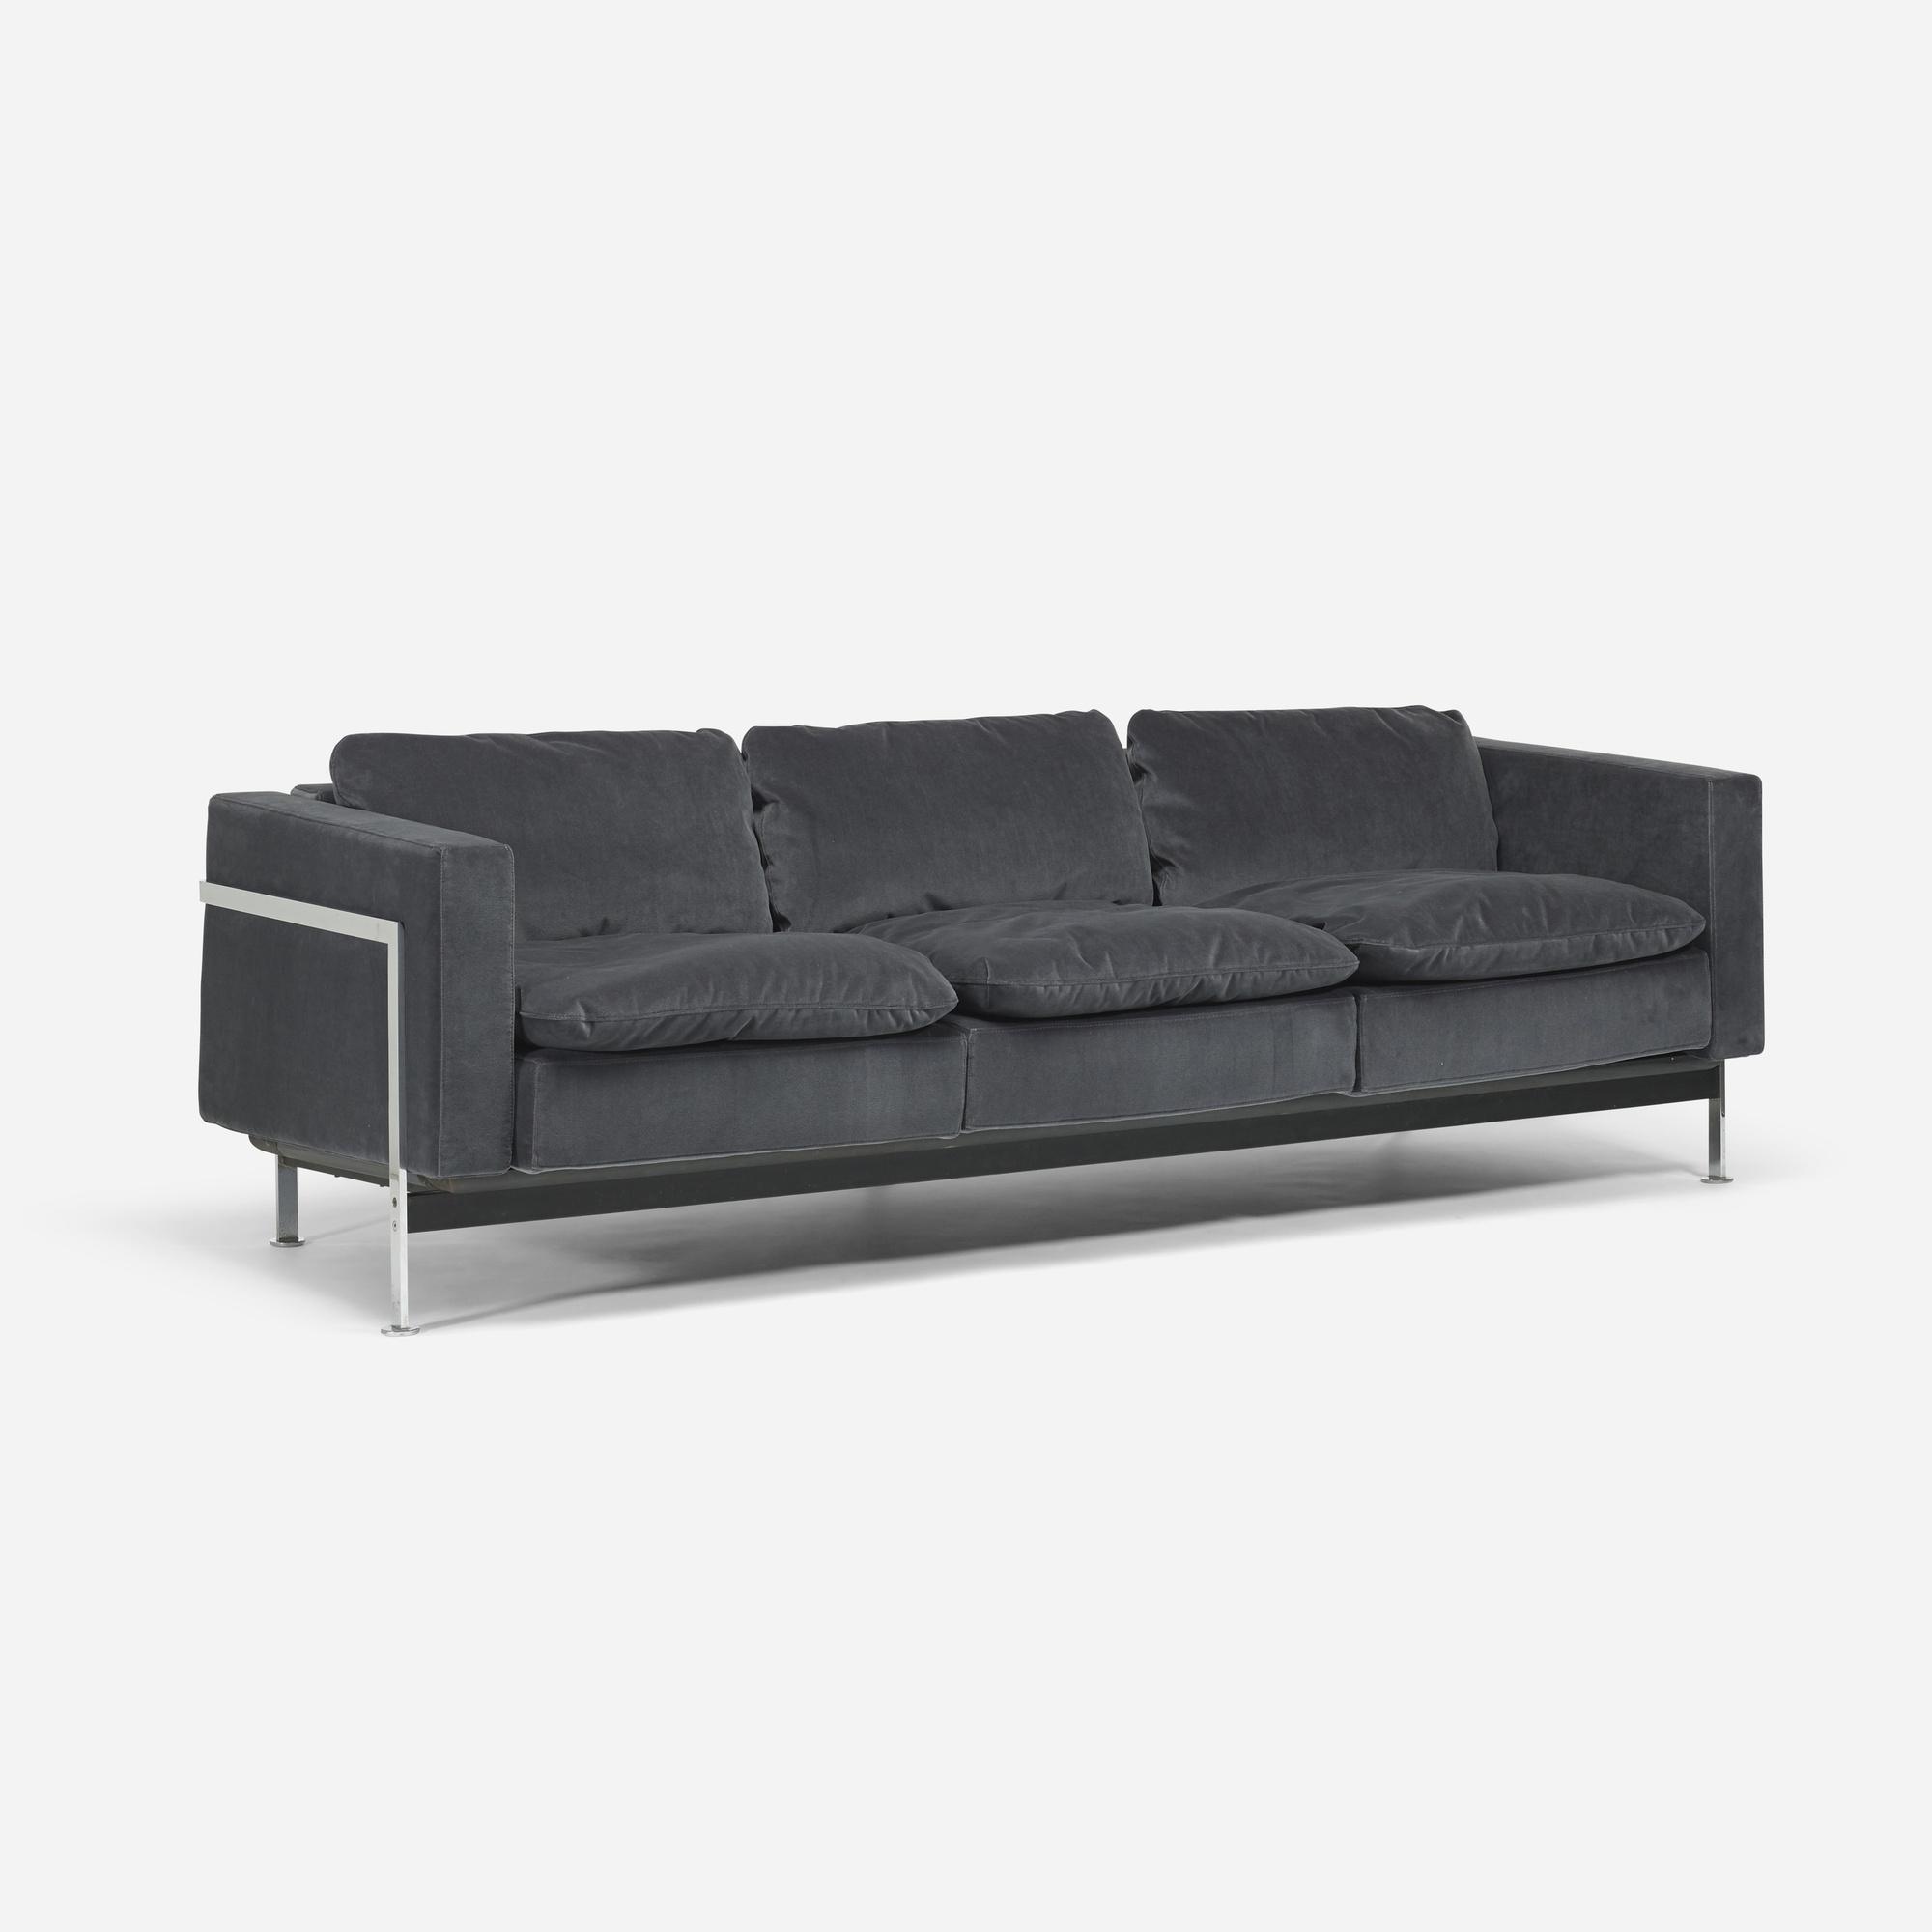 249: Robert Haussmann / sofa (3 of 3)